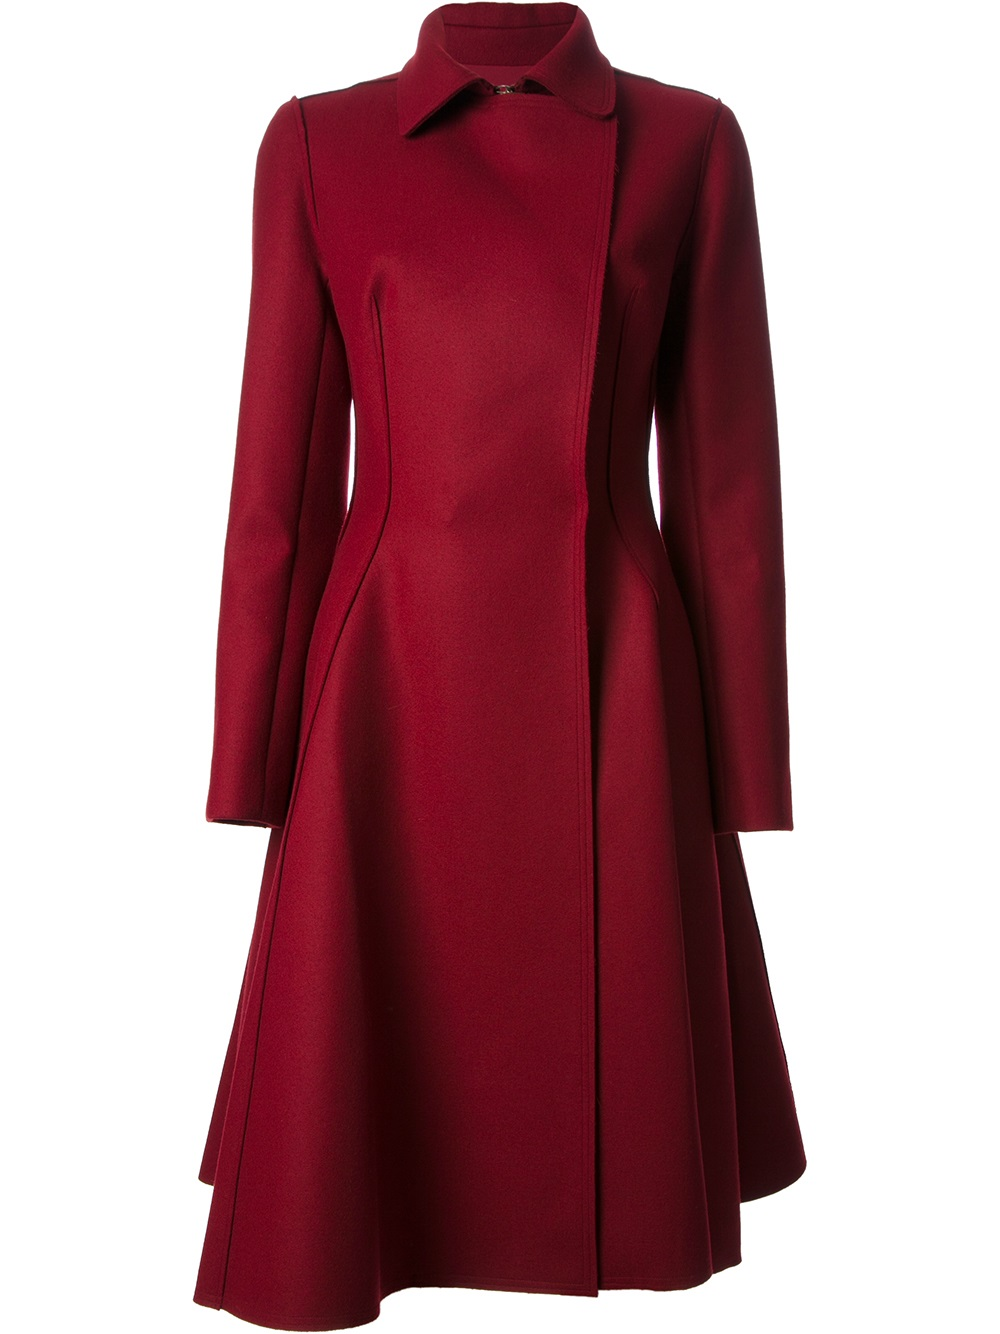 lanvin flared hem coat in red lyst. Black Bedroom Furniture Sets. Home Design Ideas